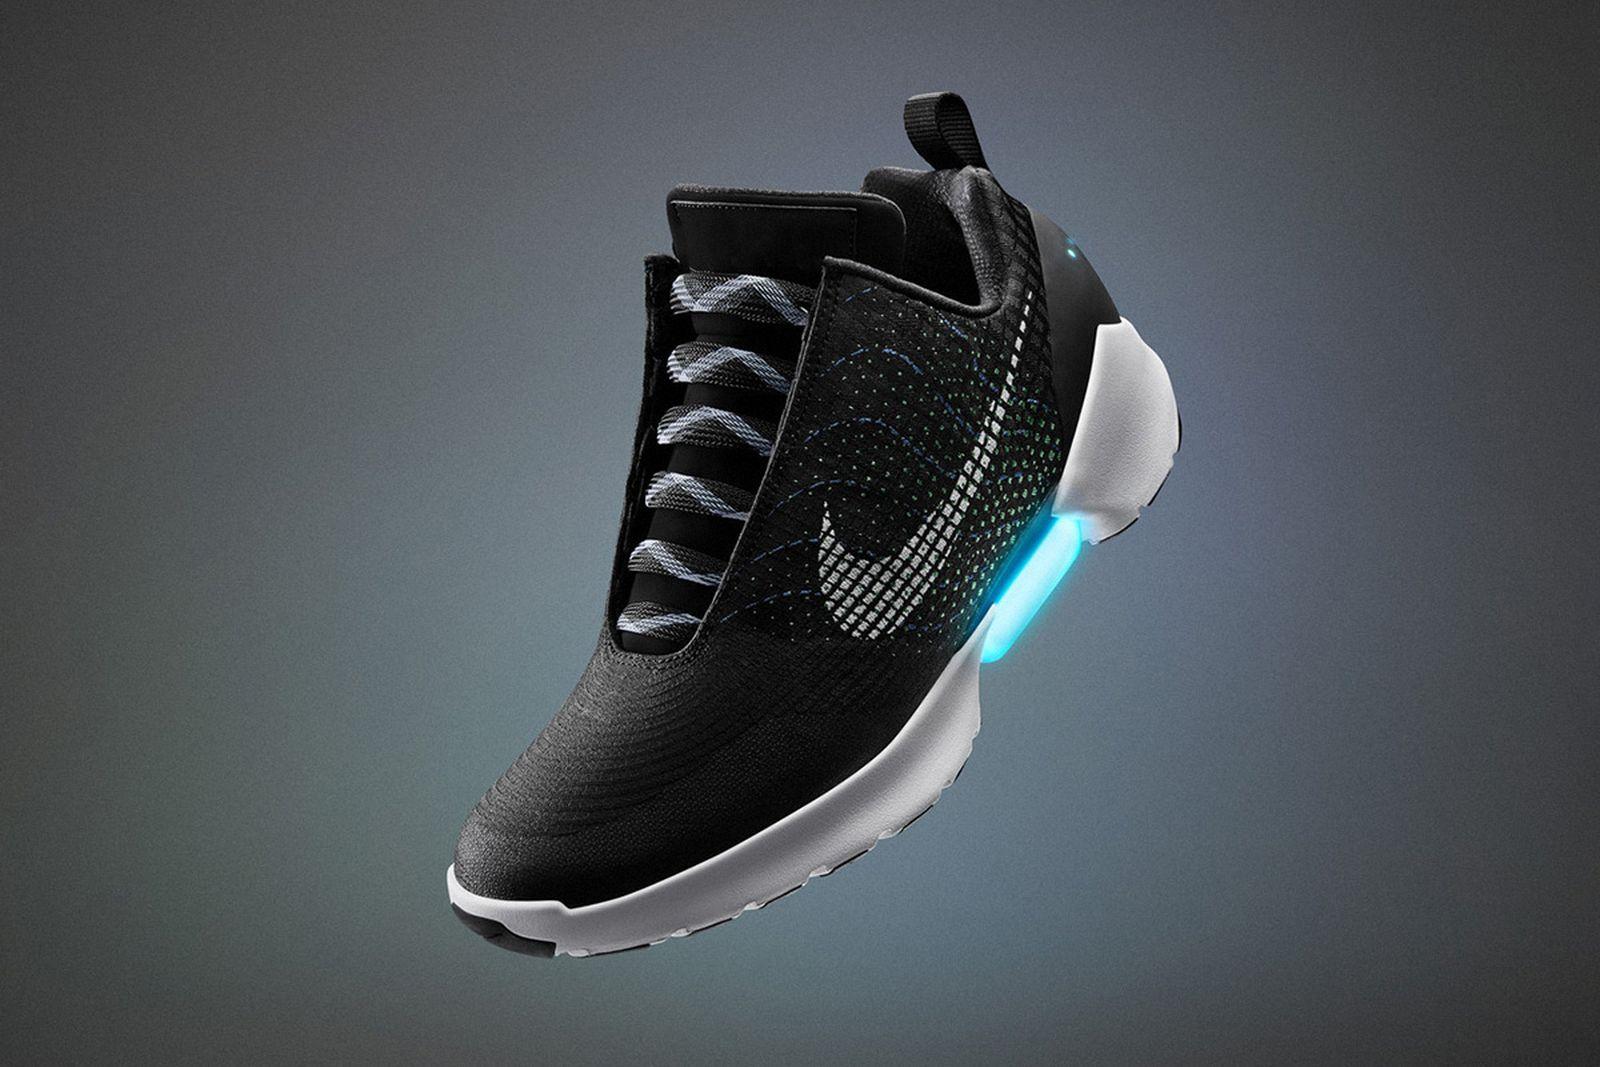 mark-parker-best-nike-sneakers-07